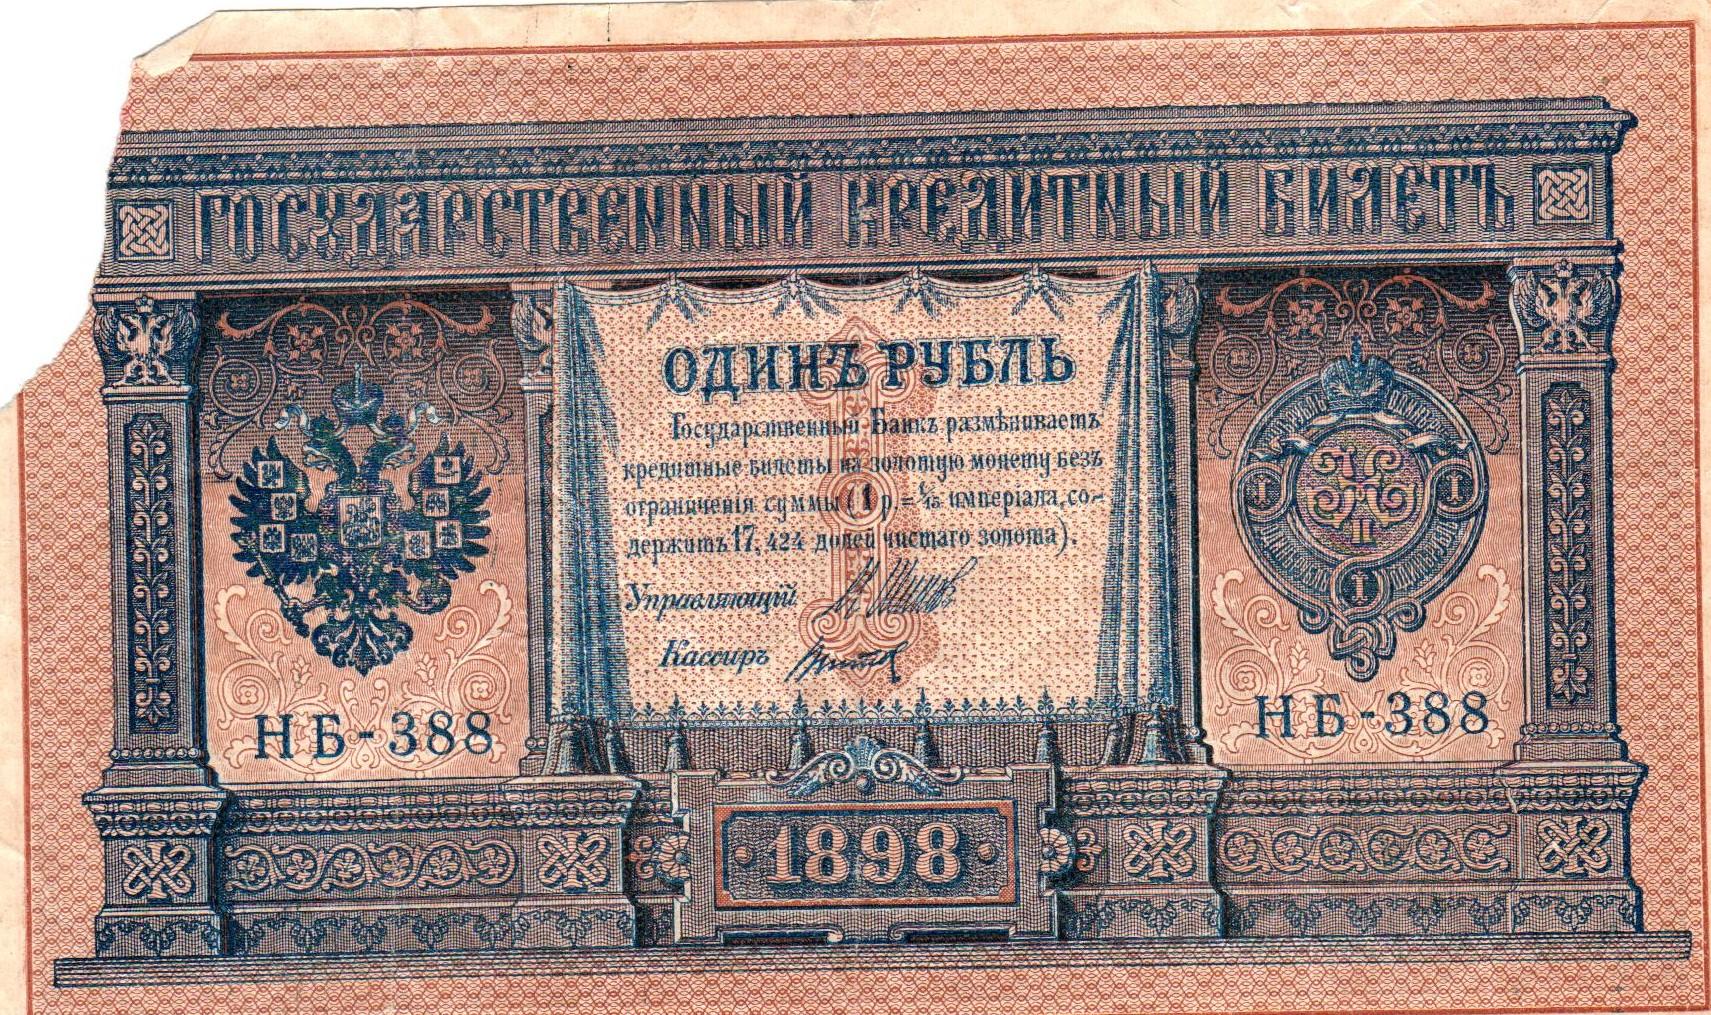 Нажмите на изображение для увеличения Название: 1 рубль (1).jpg Просмотров: 36 Размер:1.04 Мб ID:81503